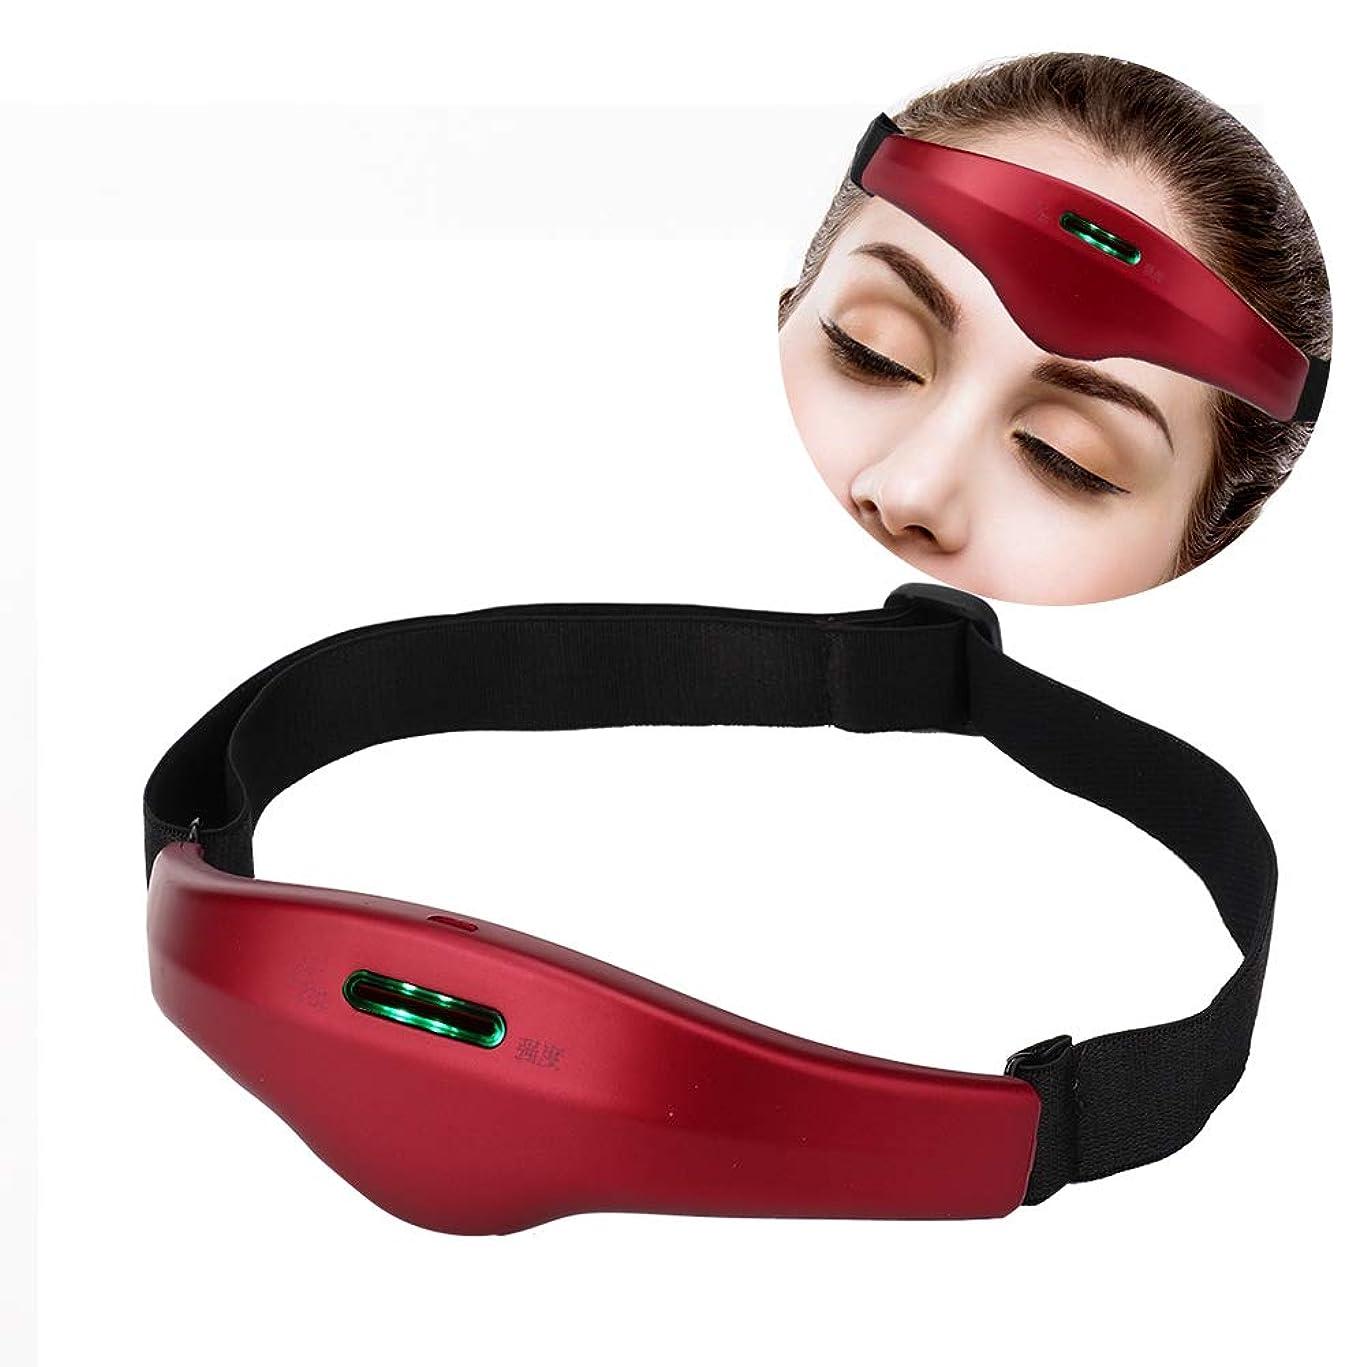 遠え糸シンポジウム電気ヘッドマッサージャー、ストレス解消のためのコントロールネックマッサージャーとより良い睡眠の声インテリジェント睡眠マッサージ装置(Vermilion Red)